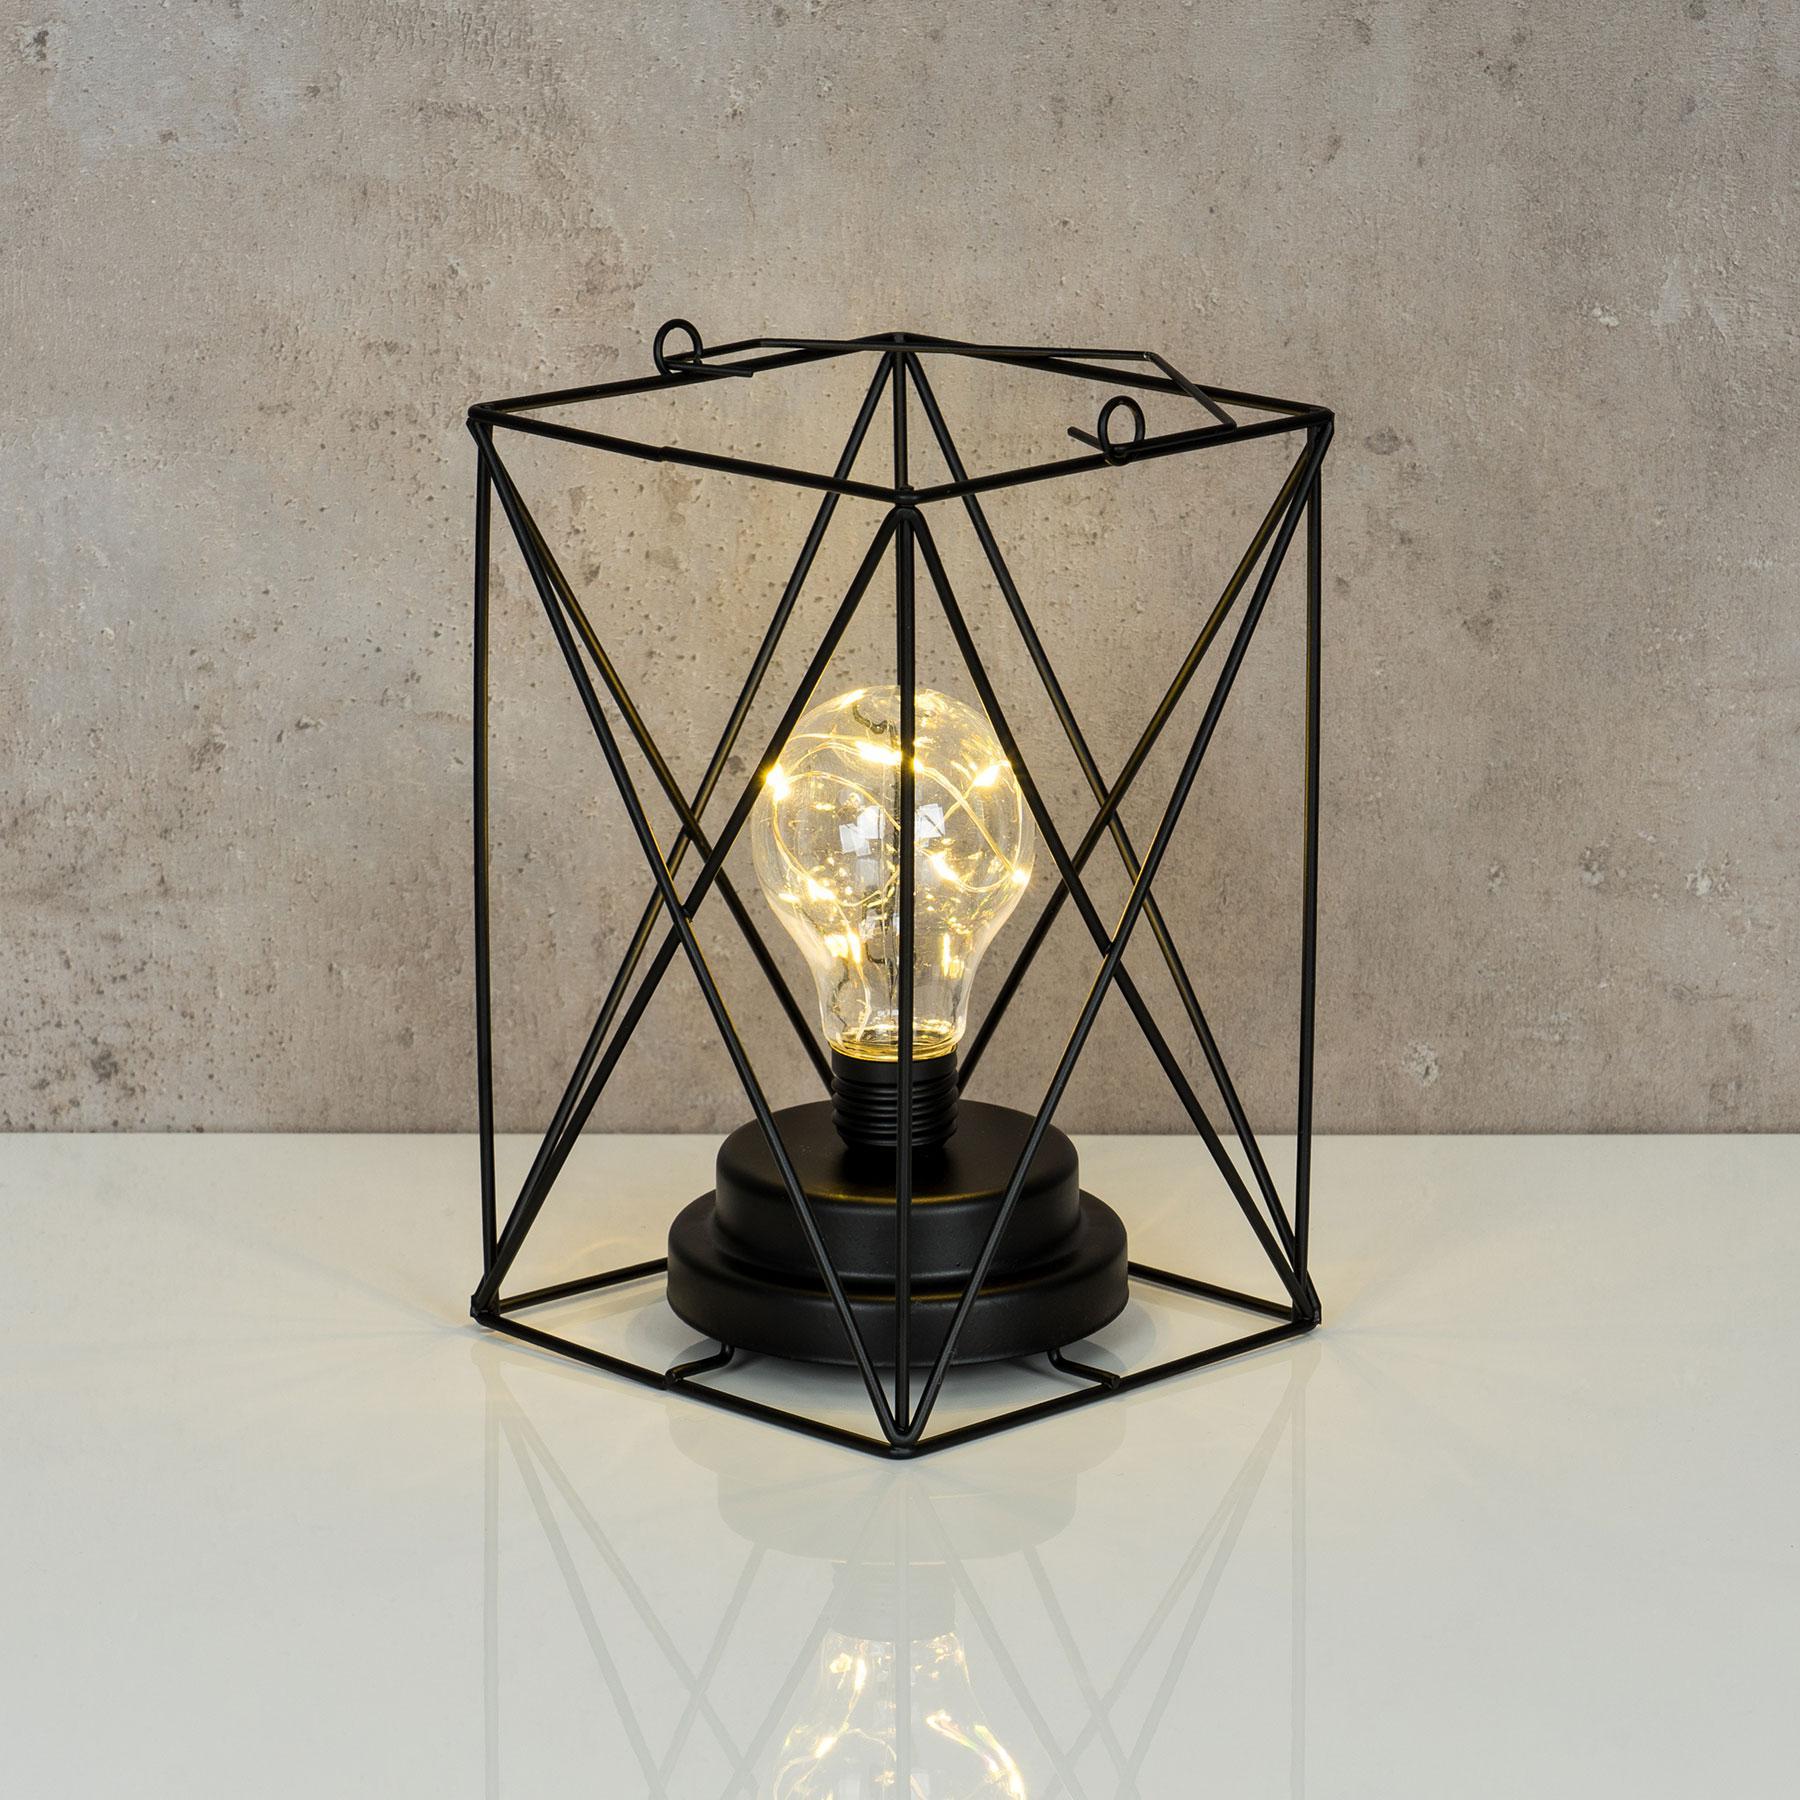 Lampe Metall Vintage